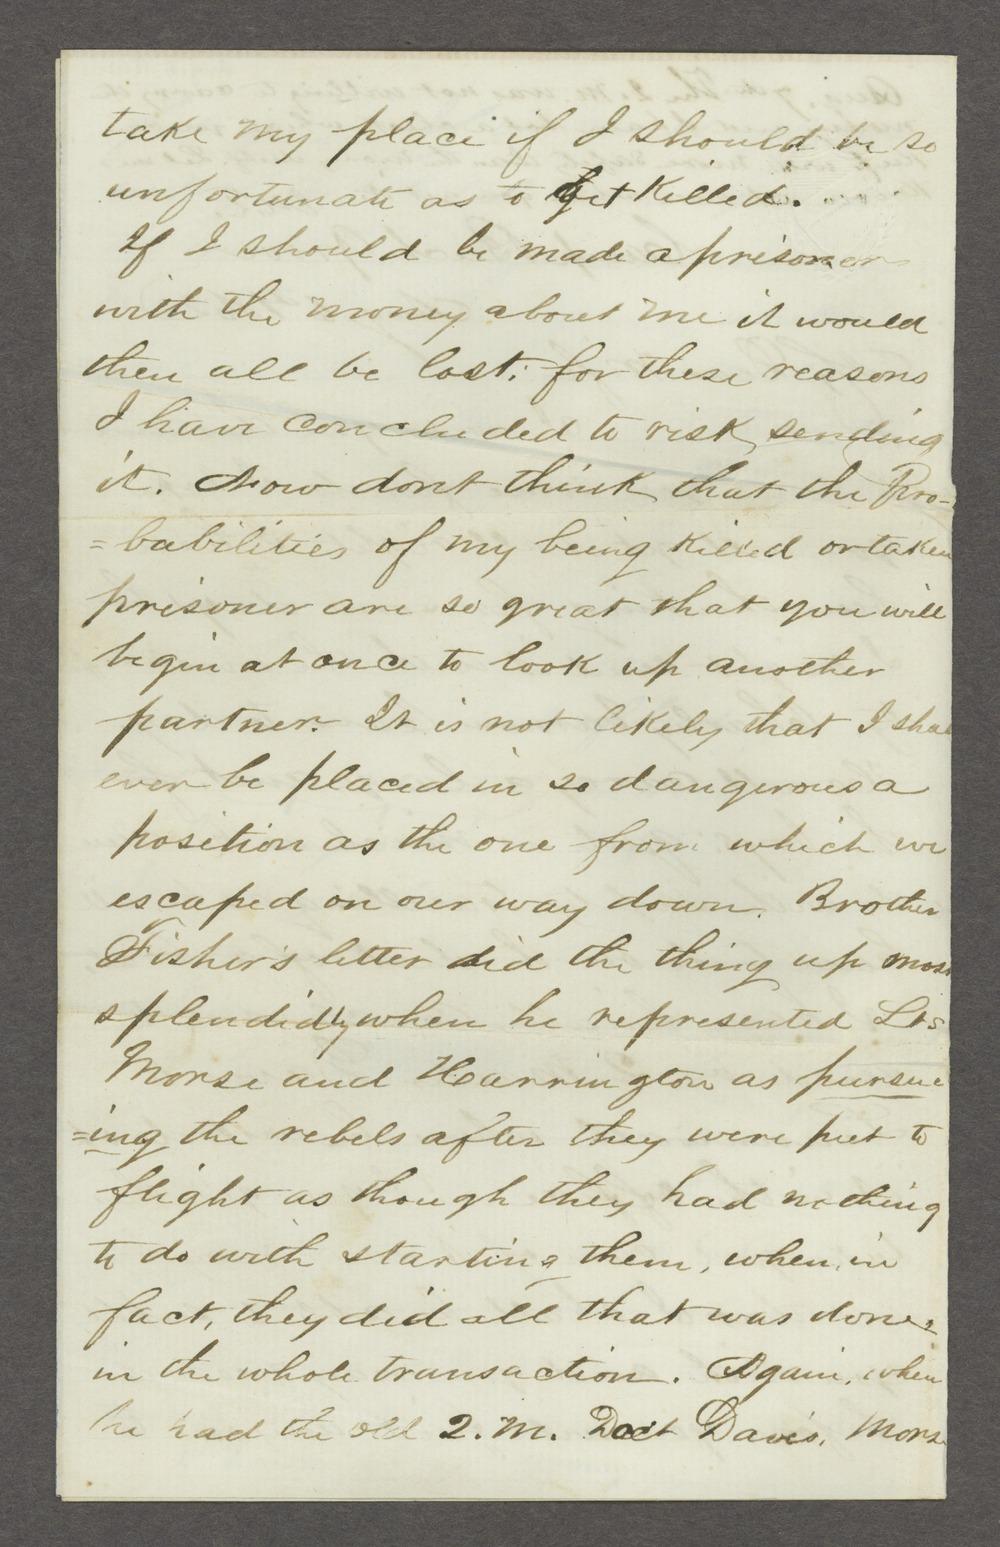 Joseph H. Trego correspondence - 4